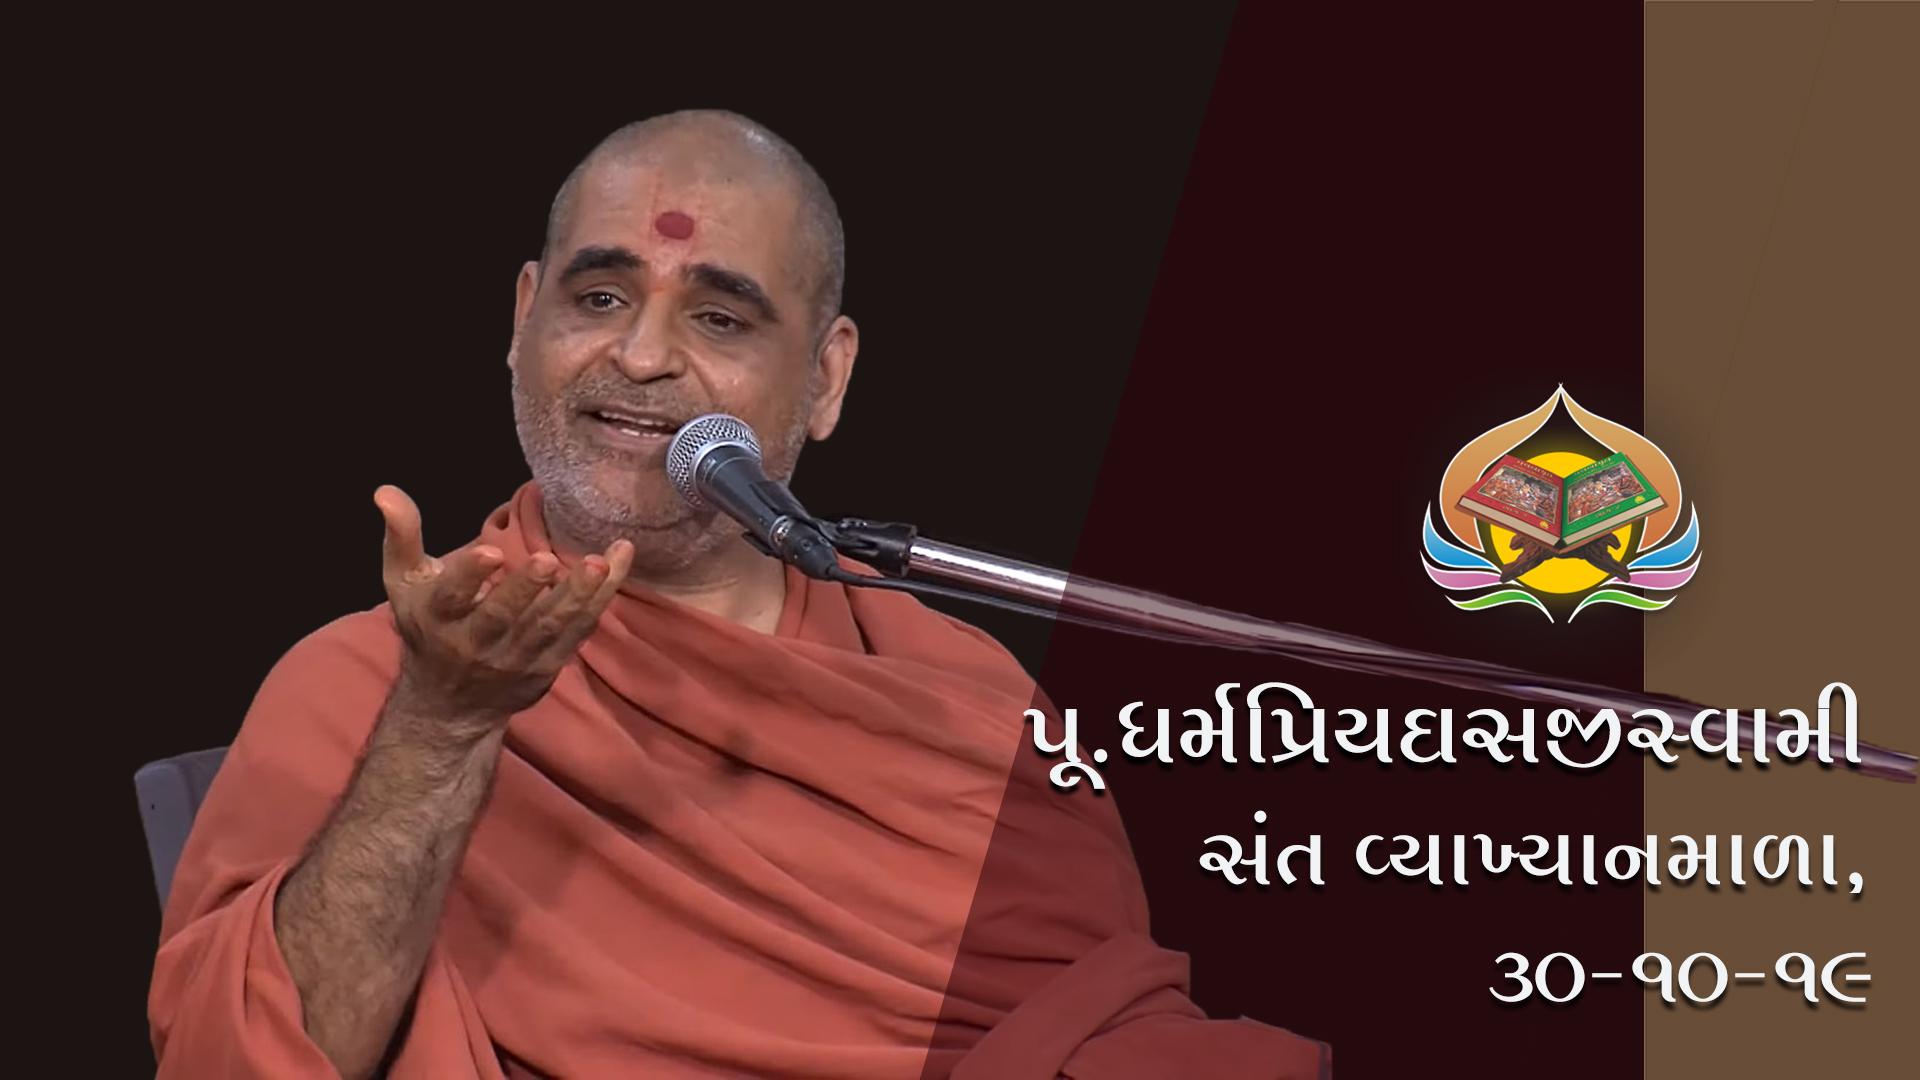 P.Dharmapriyadasjiswami | Sant Vyakhyan Mala | Vachanamrut Dwishatabdi Mahotsav & Gyansatra 13